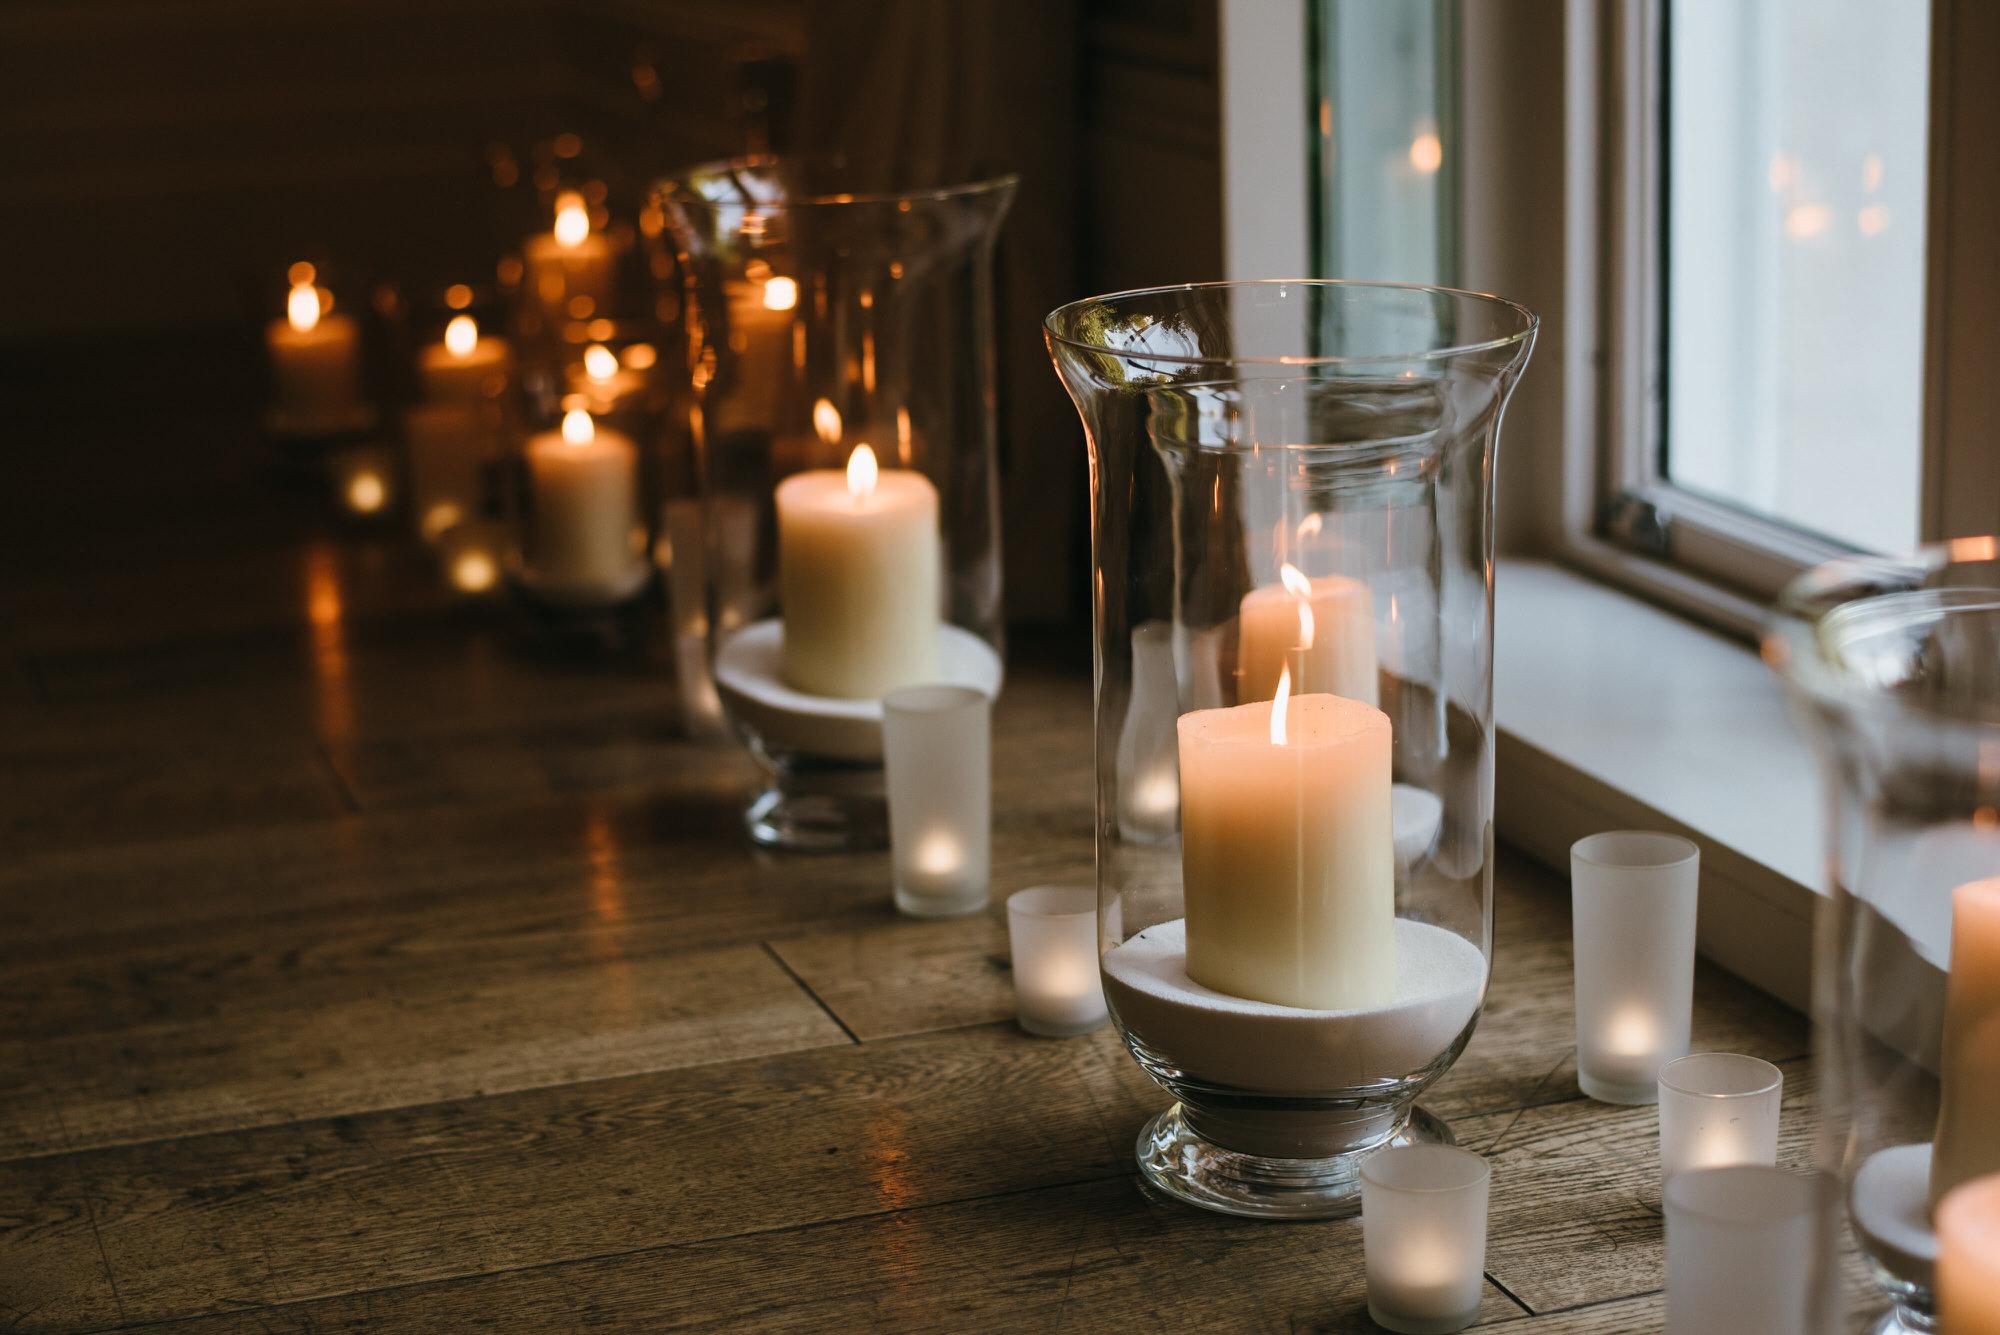 Oak Room candles Coworth Park